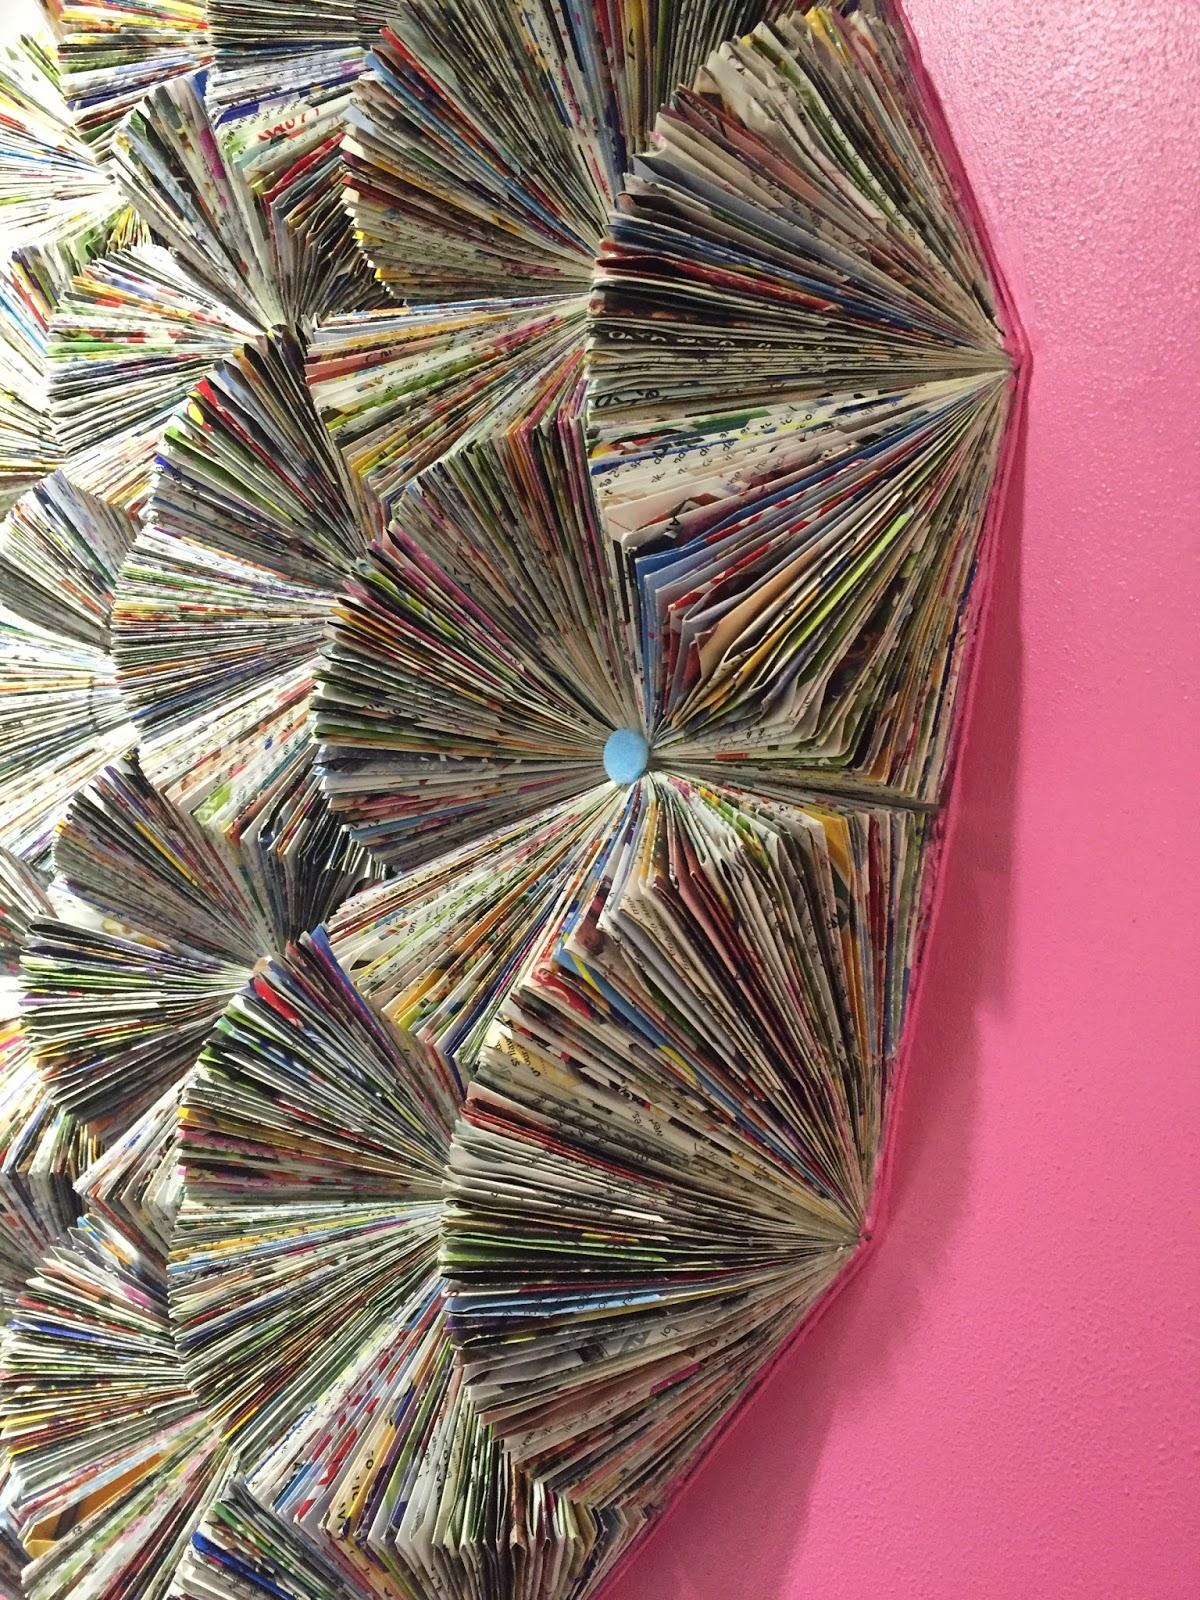 Alberto Fusco at Brighton Art Fair 2015, photo by Modern Bric a Brac